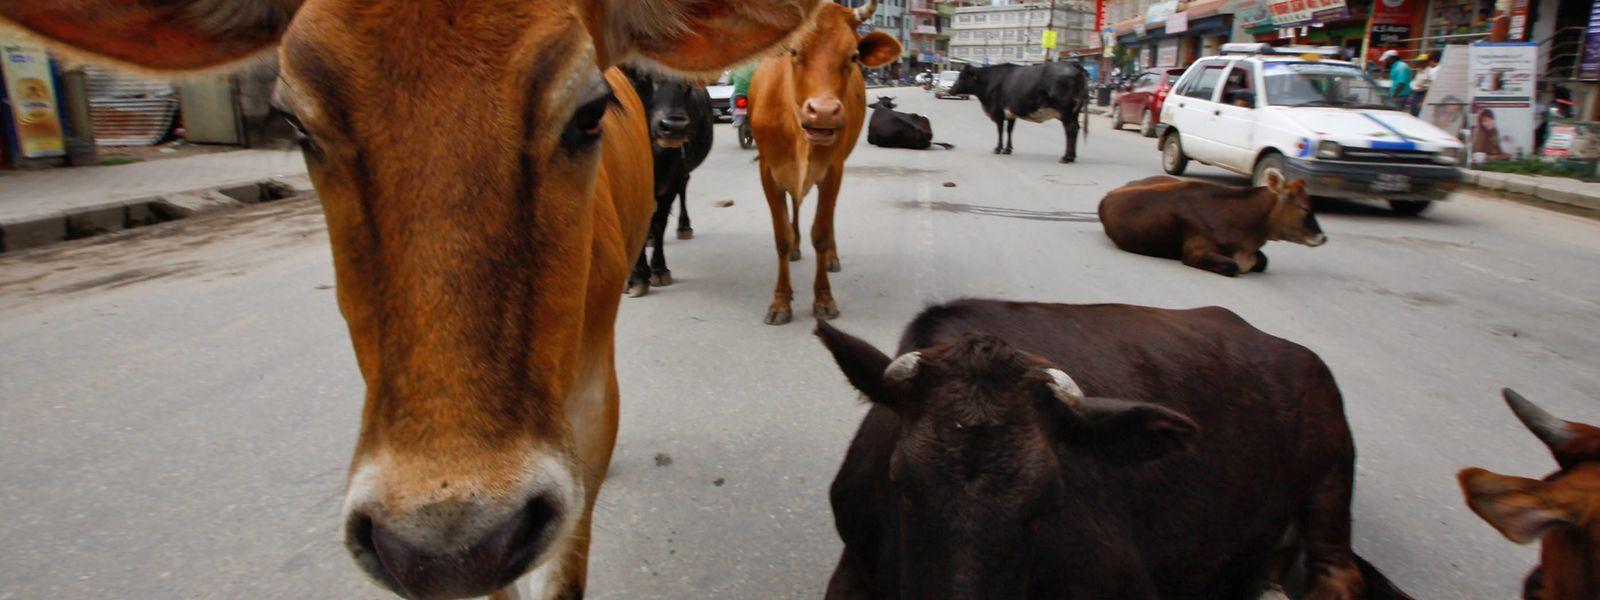 Ein Gruppe Kühe ruht sich mitten auf einer Straße der Hauptstadt aus.